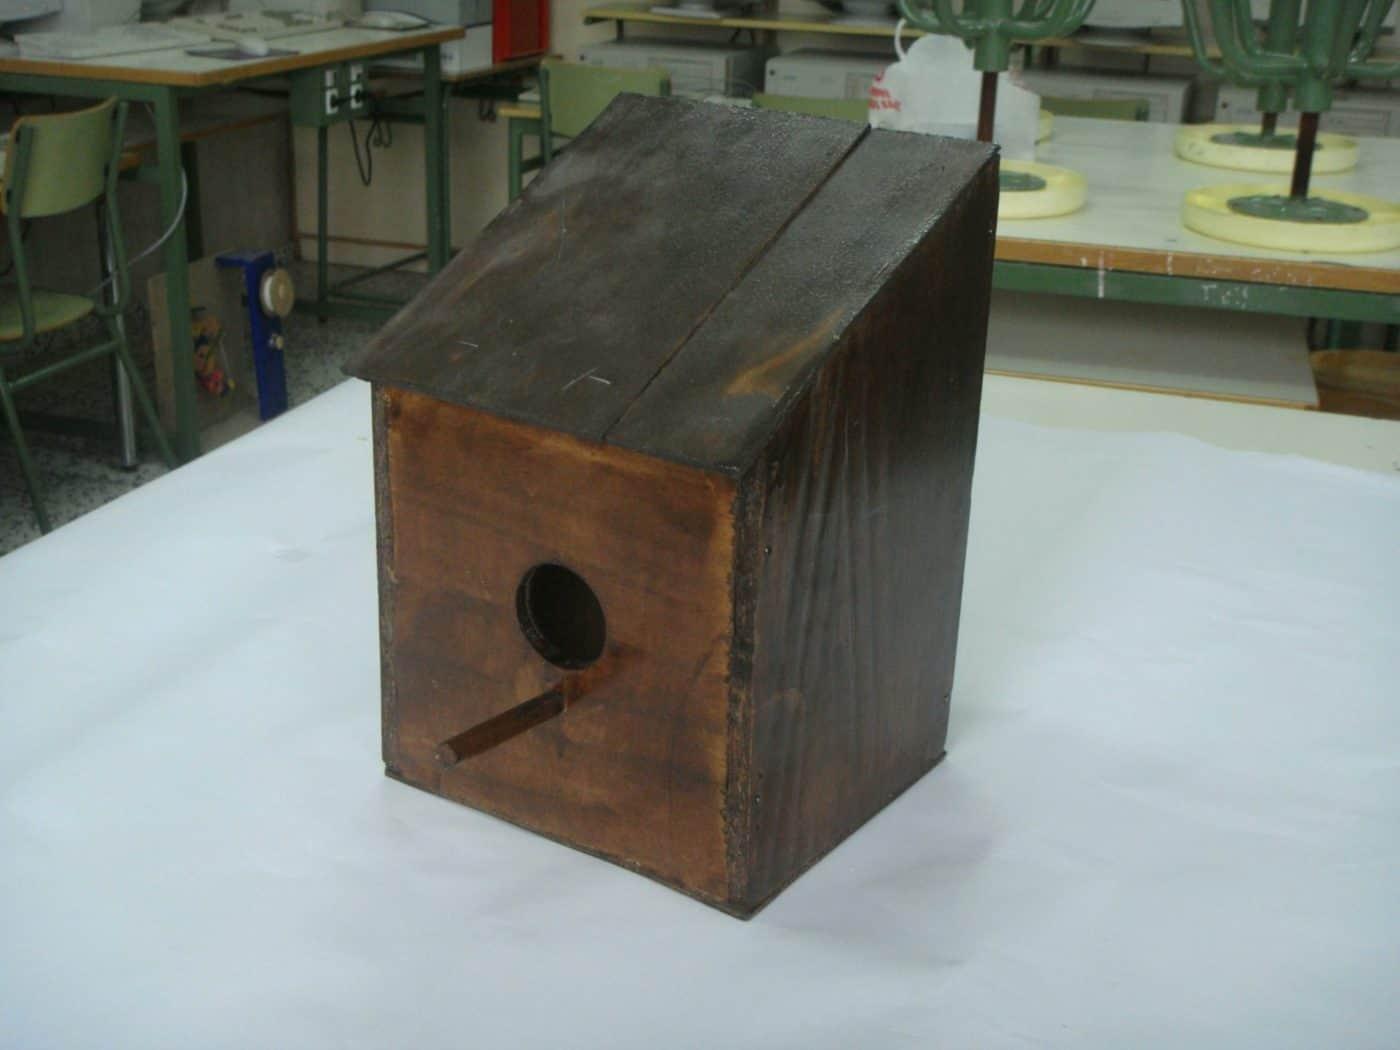 Construye una casita para pájaros modelo Angry Bird- Proyectos, Diseño